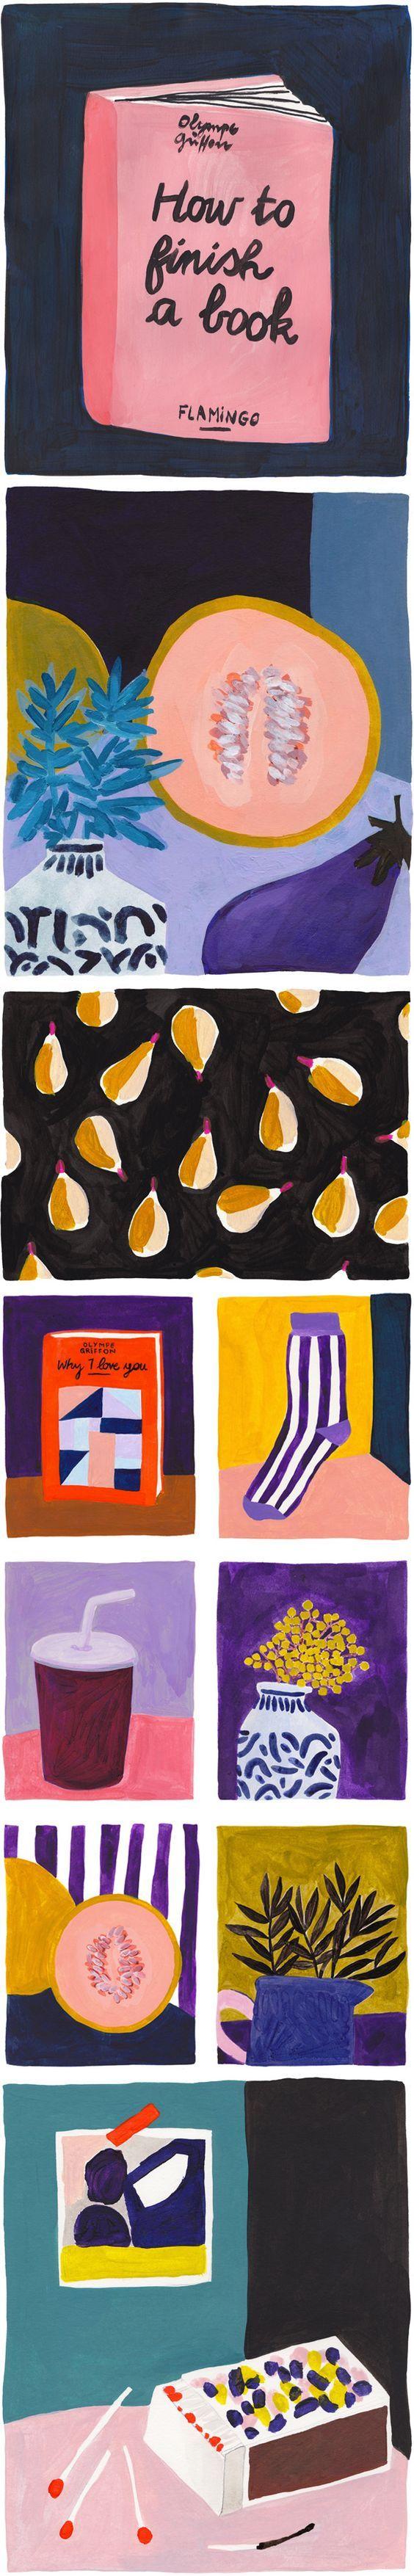 http://www.ossomagazine.com/ILLUSTRAZIONE-La-frutta-di-Lea-Maupetit: